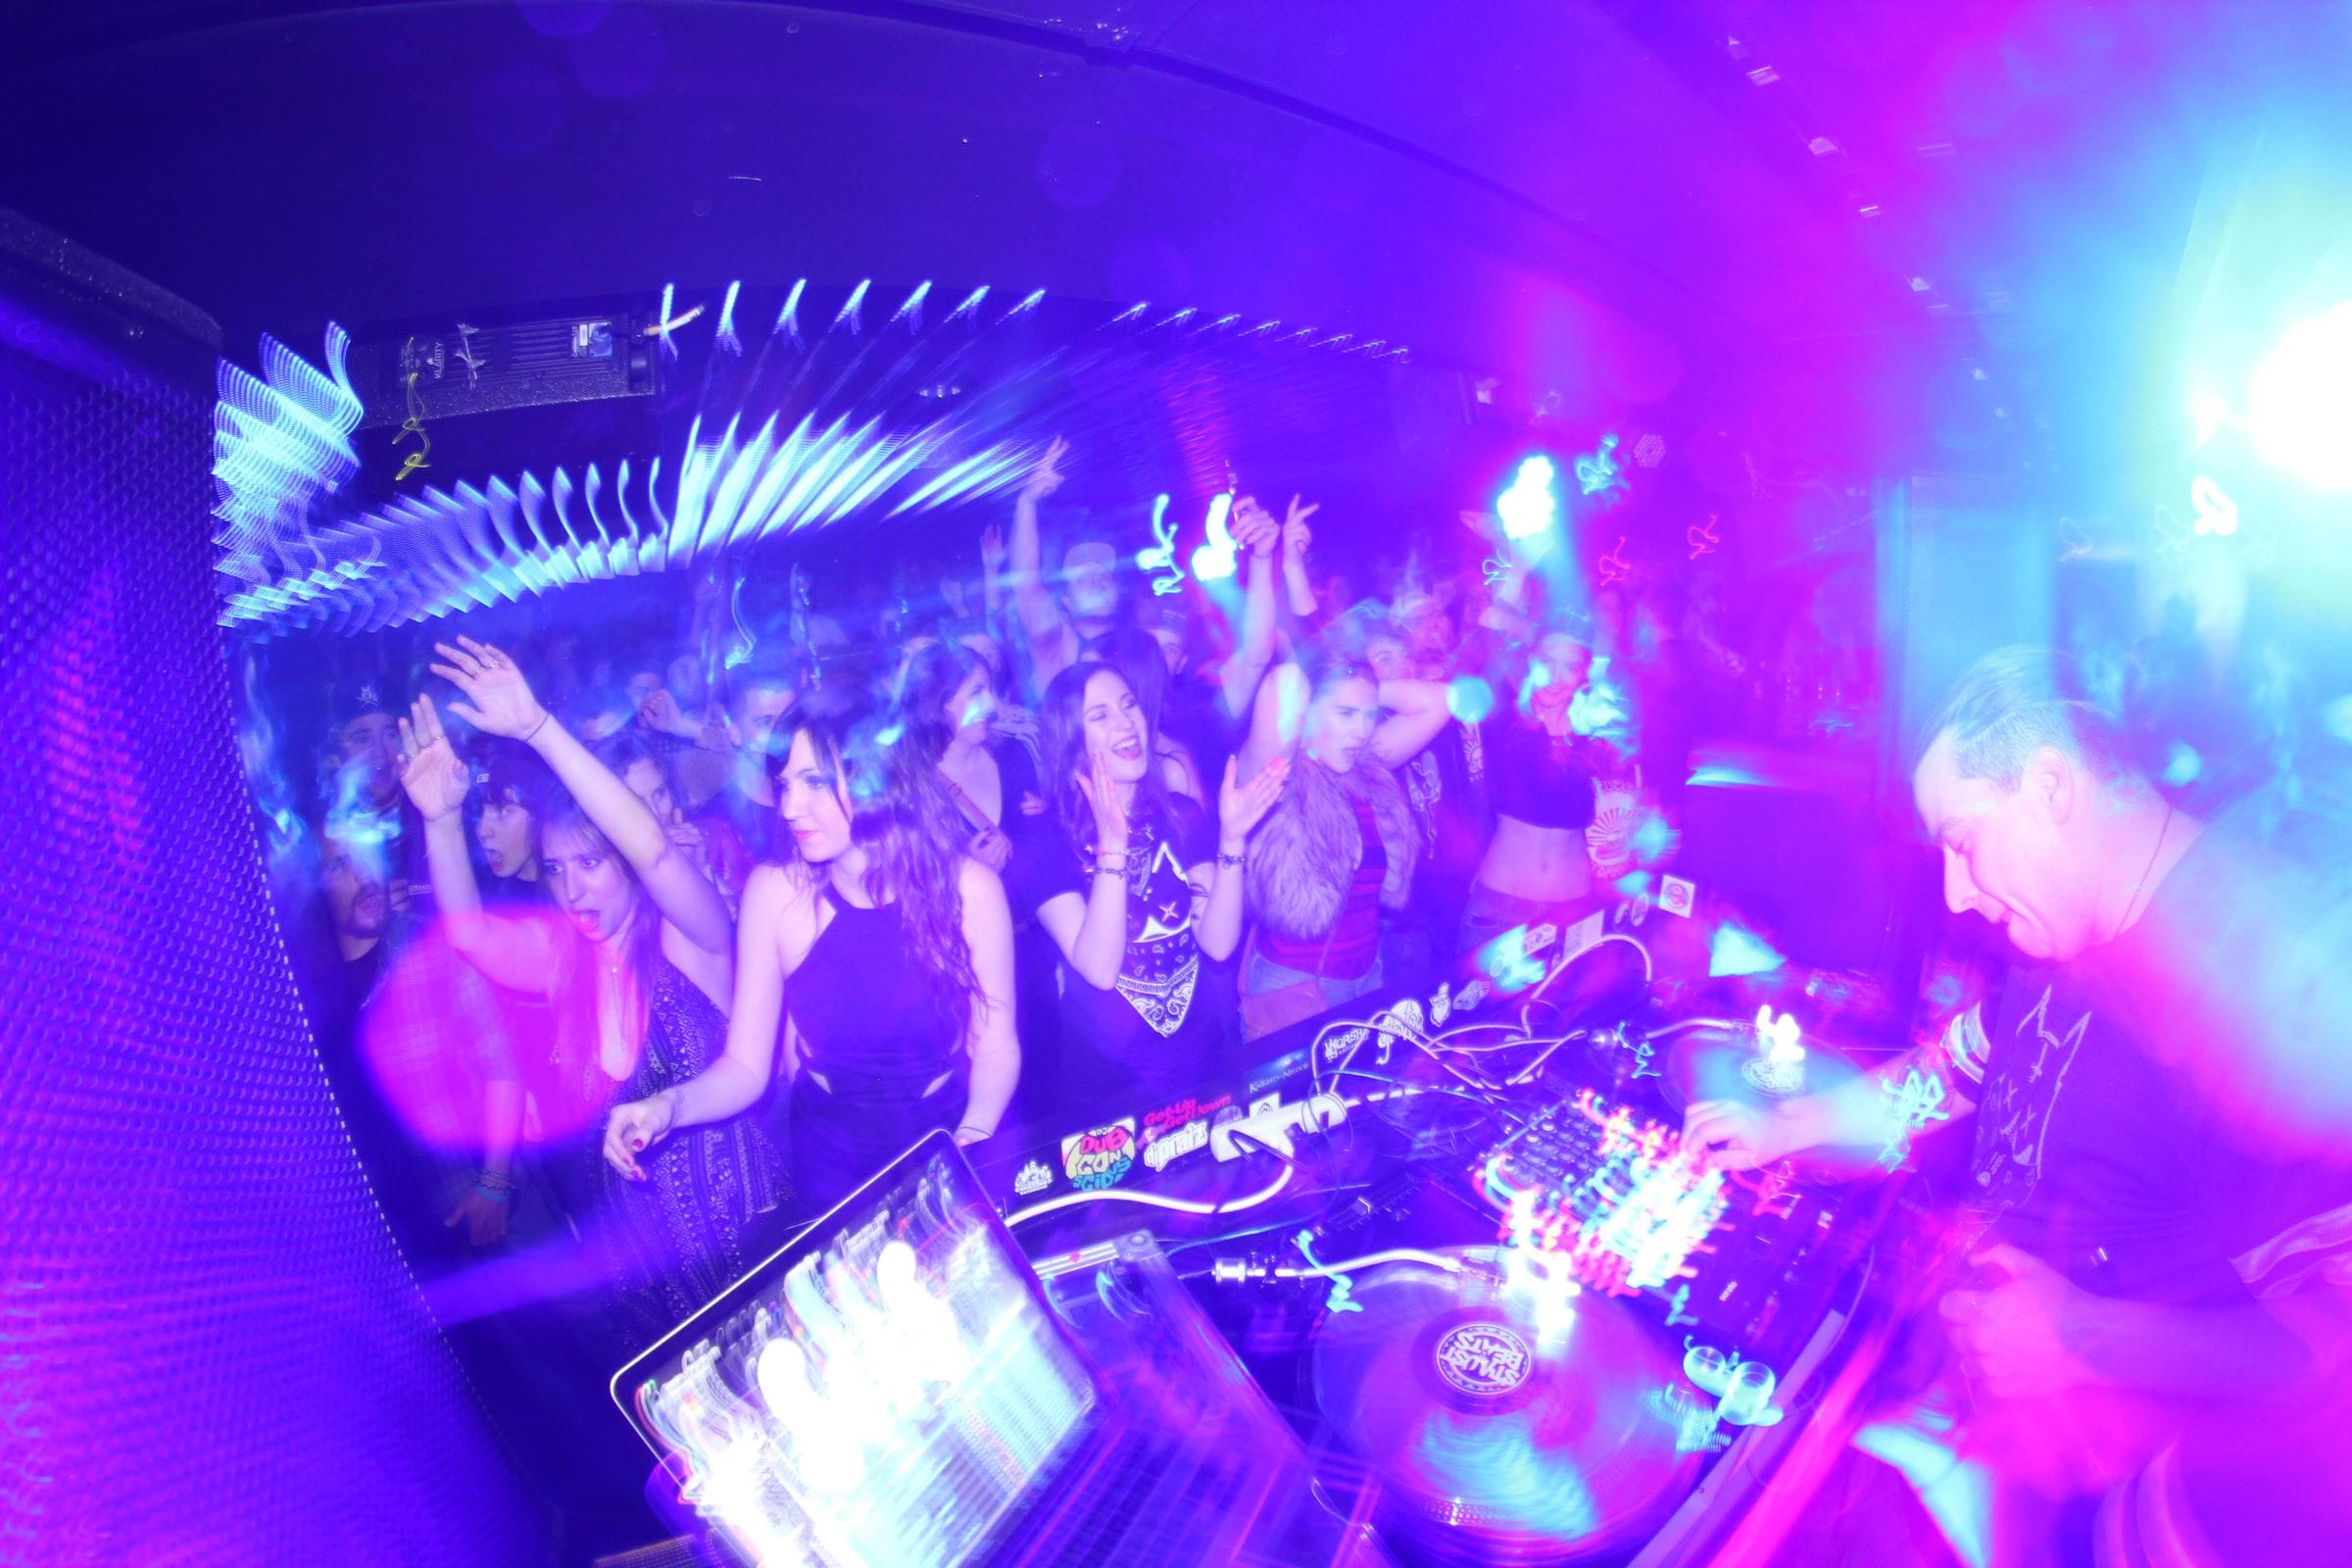 nightlife-club-dancing